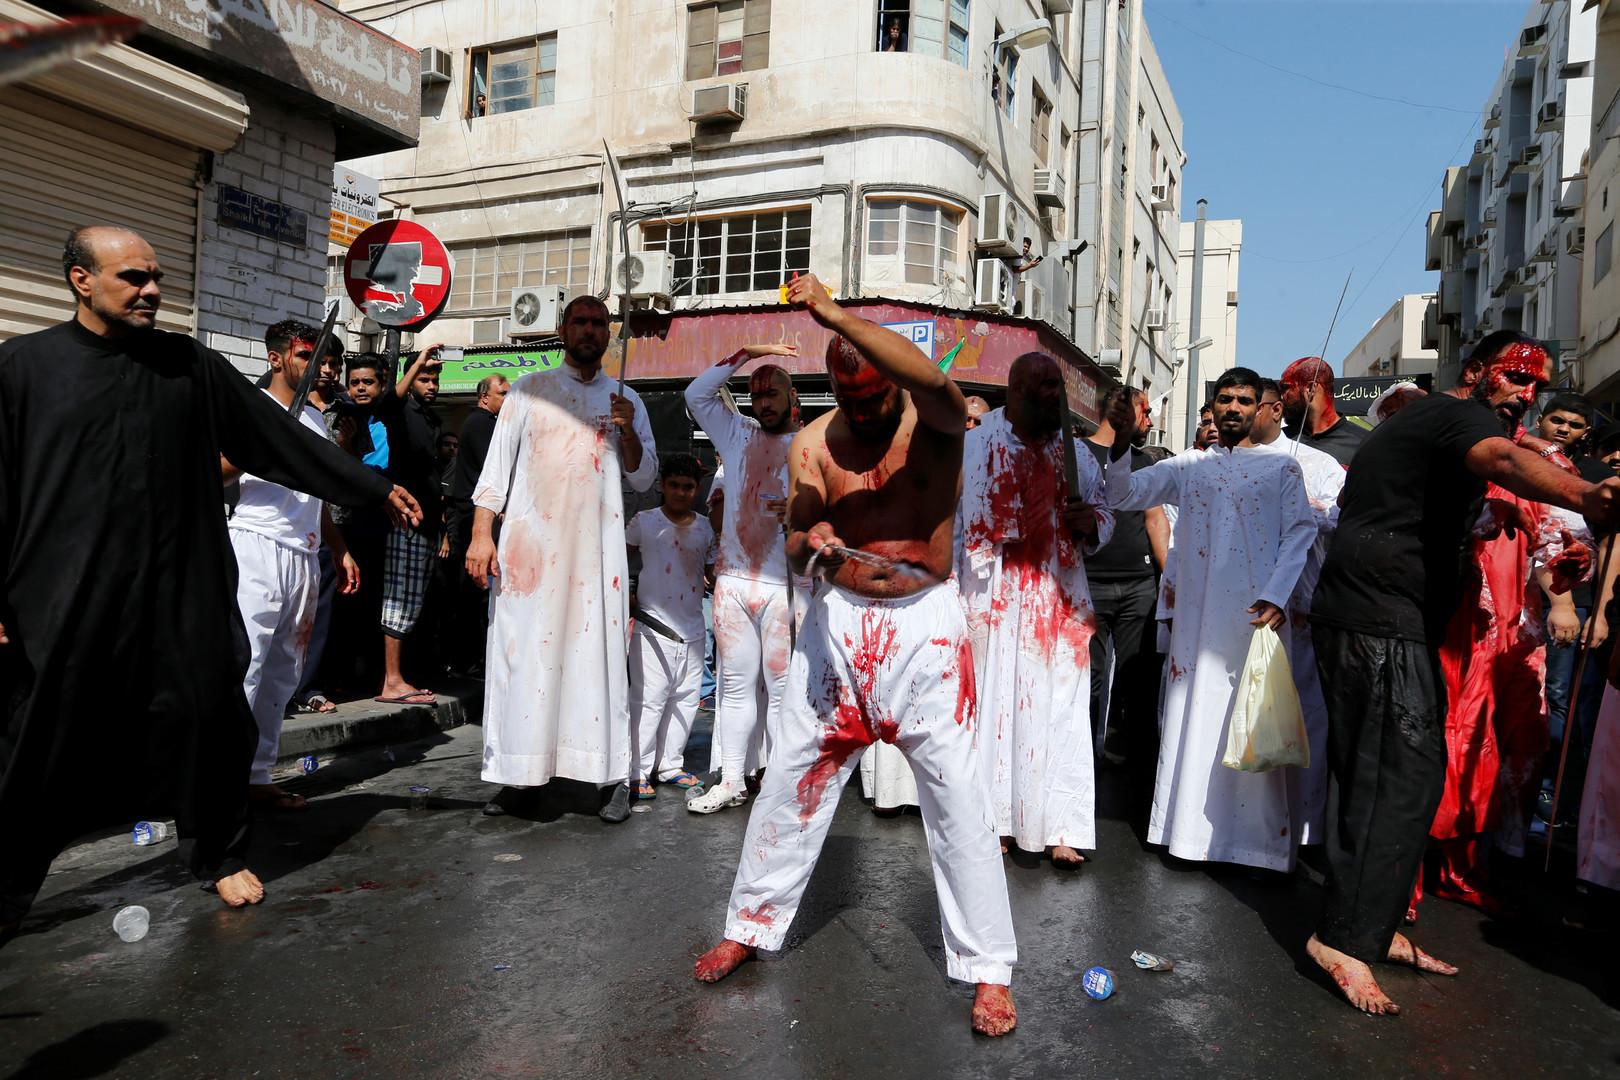 Les musulmans chiites du monde entier célèbrent la fête religieuse d'Achoura (VIDEO)